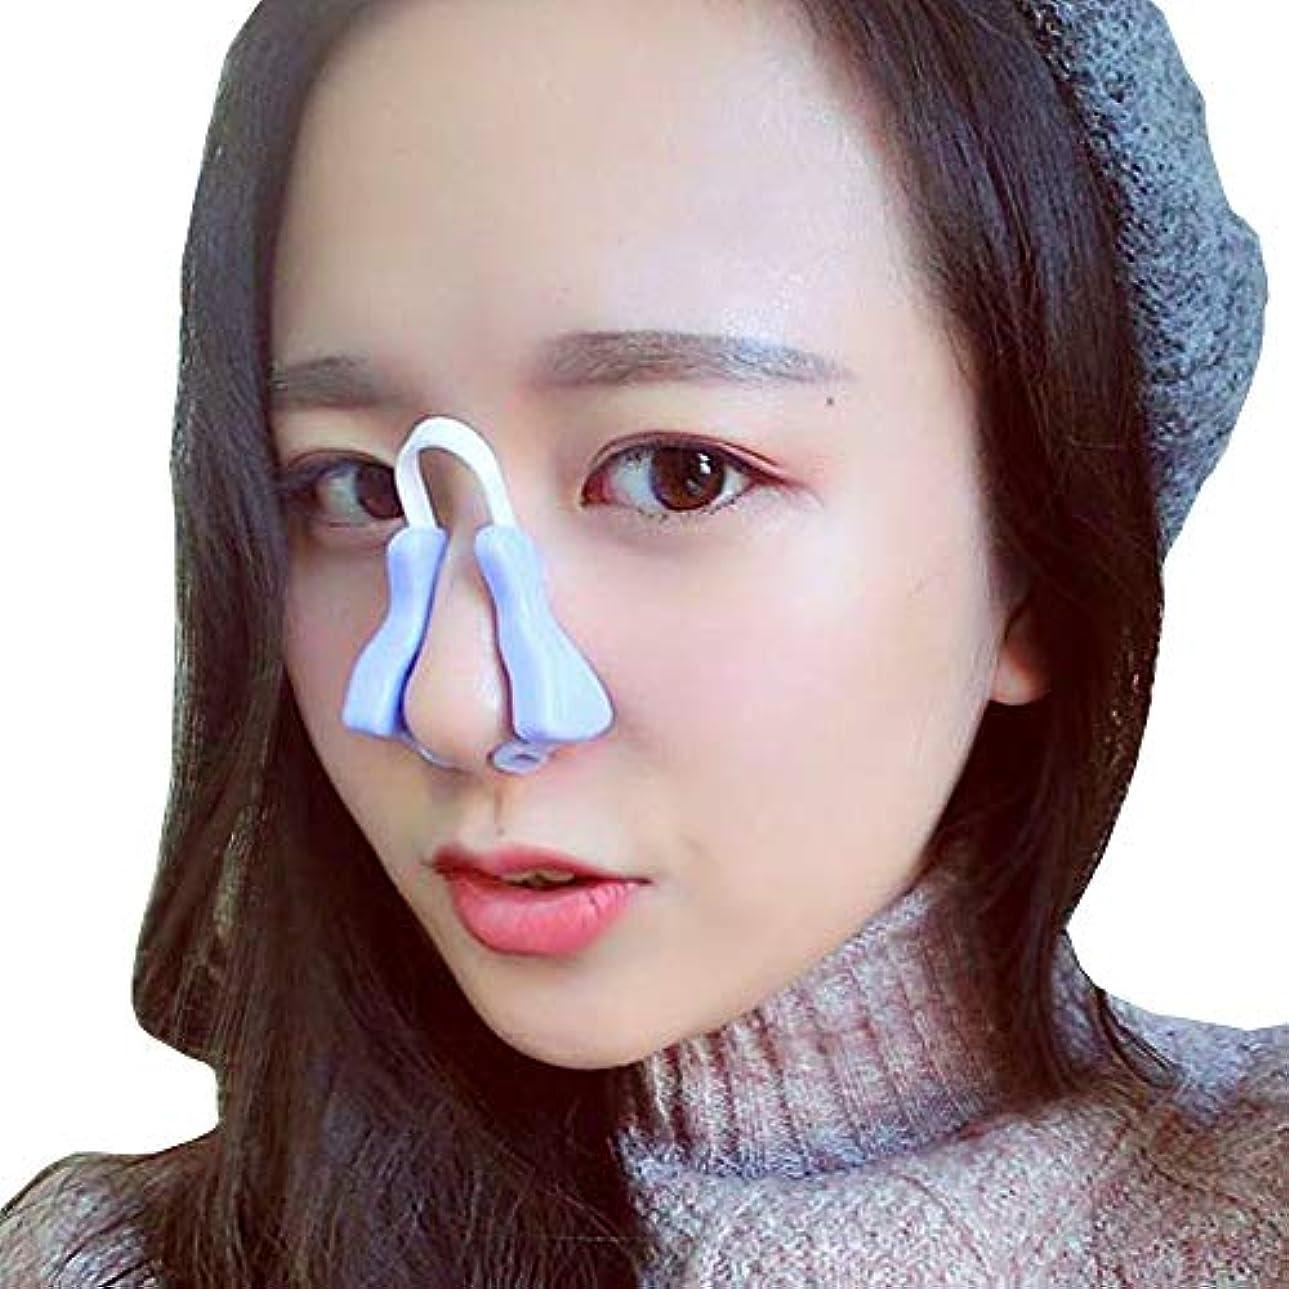 悪意のあるディレクターシャイYOE(ヨイ) ノーズアップ 鼻プチ 鼻筋ビューティー ノーズクリップ 美鼻でナイト プチ整形 鼻 矯正 ノーズピン (フリーサイズ, パープル)